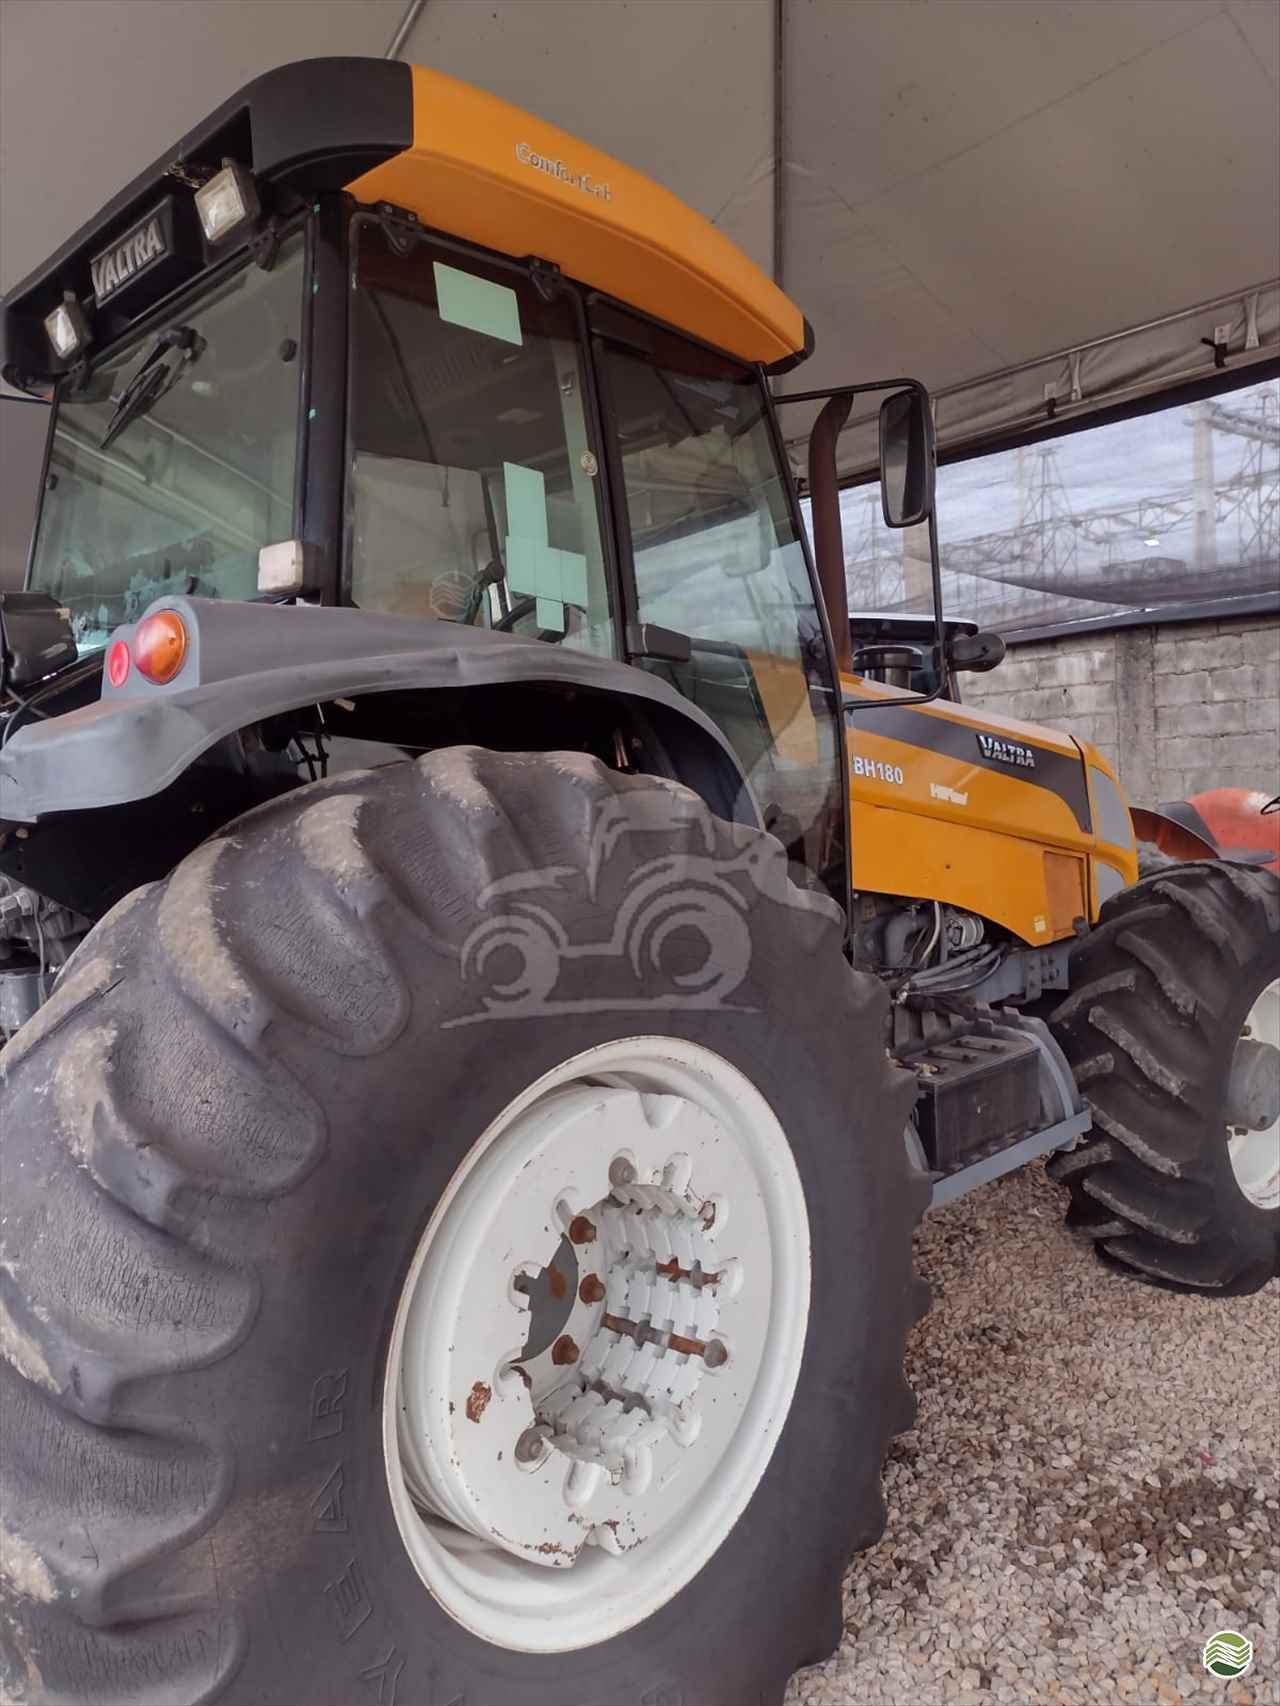 TRATOR VALTRA VALTRA BH 180 Tração 4x4 EP Máquinas e Implementos Agrícolas CRISTALINA GOIAS GO